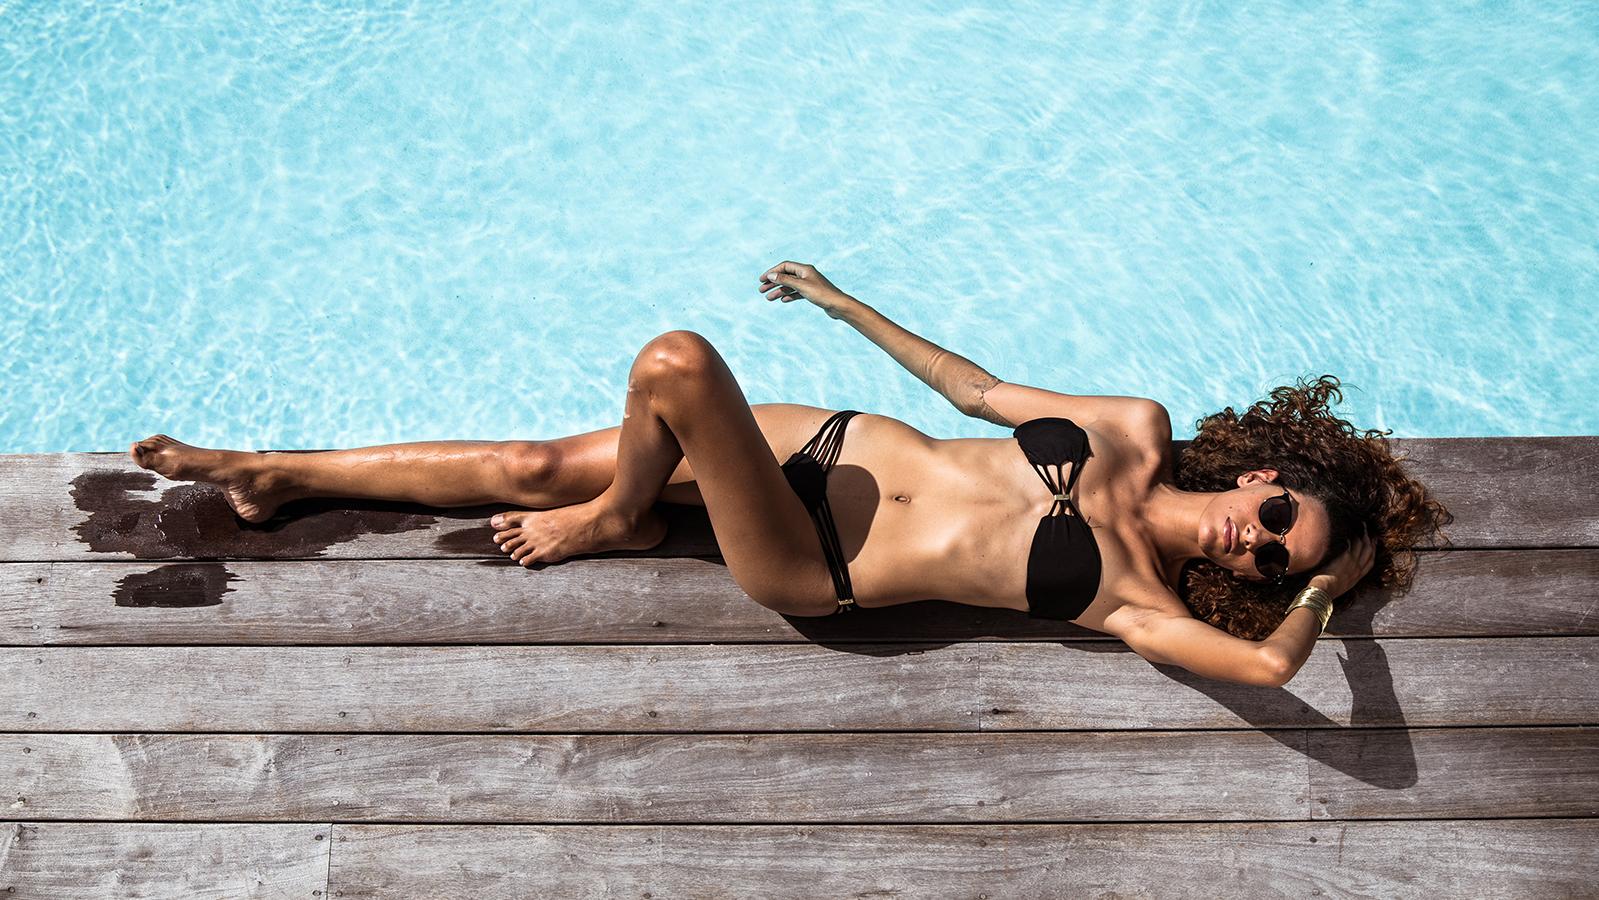 Mannequin allongée au bord d'une piscine